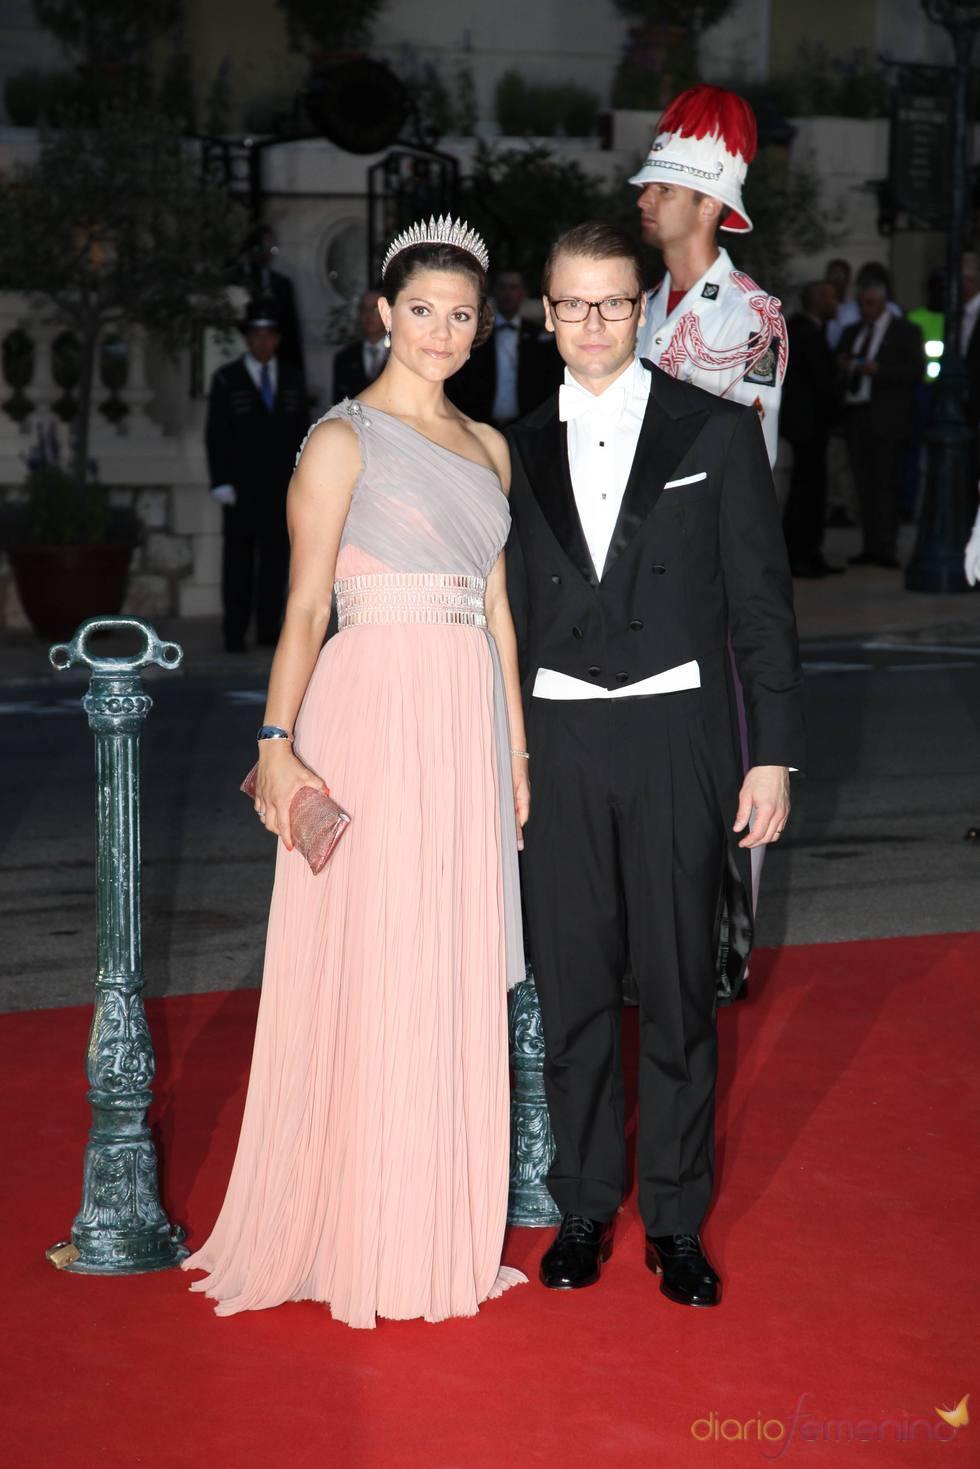 Victoria de Suecia en la cena de gala de la Boda Real de Mónaco